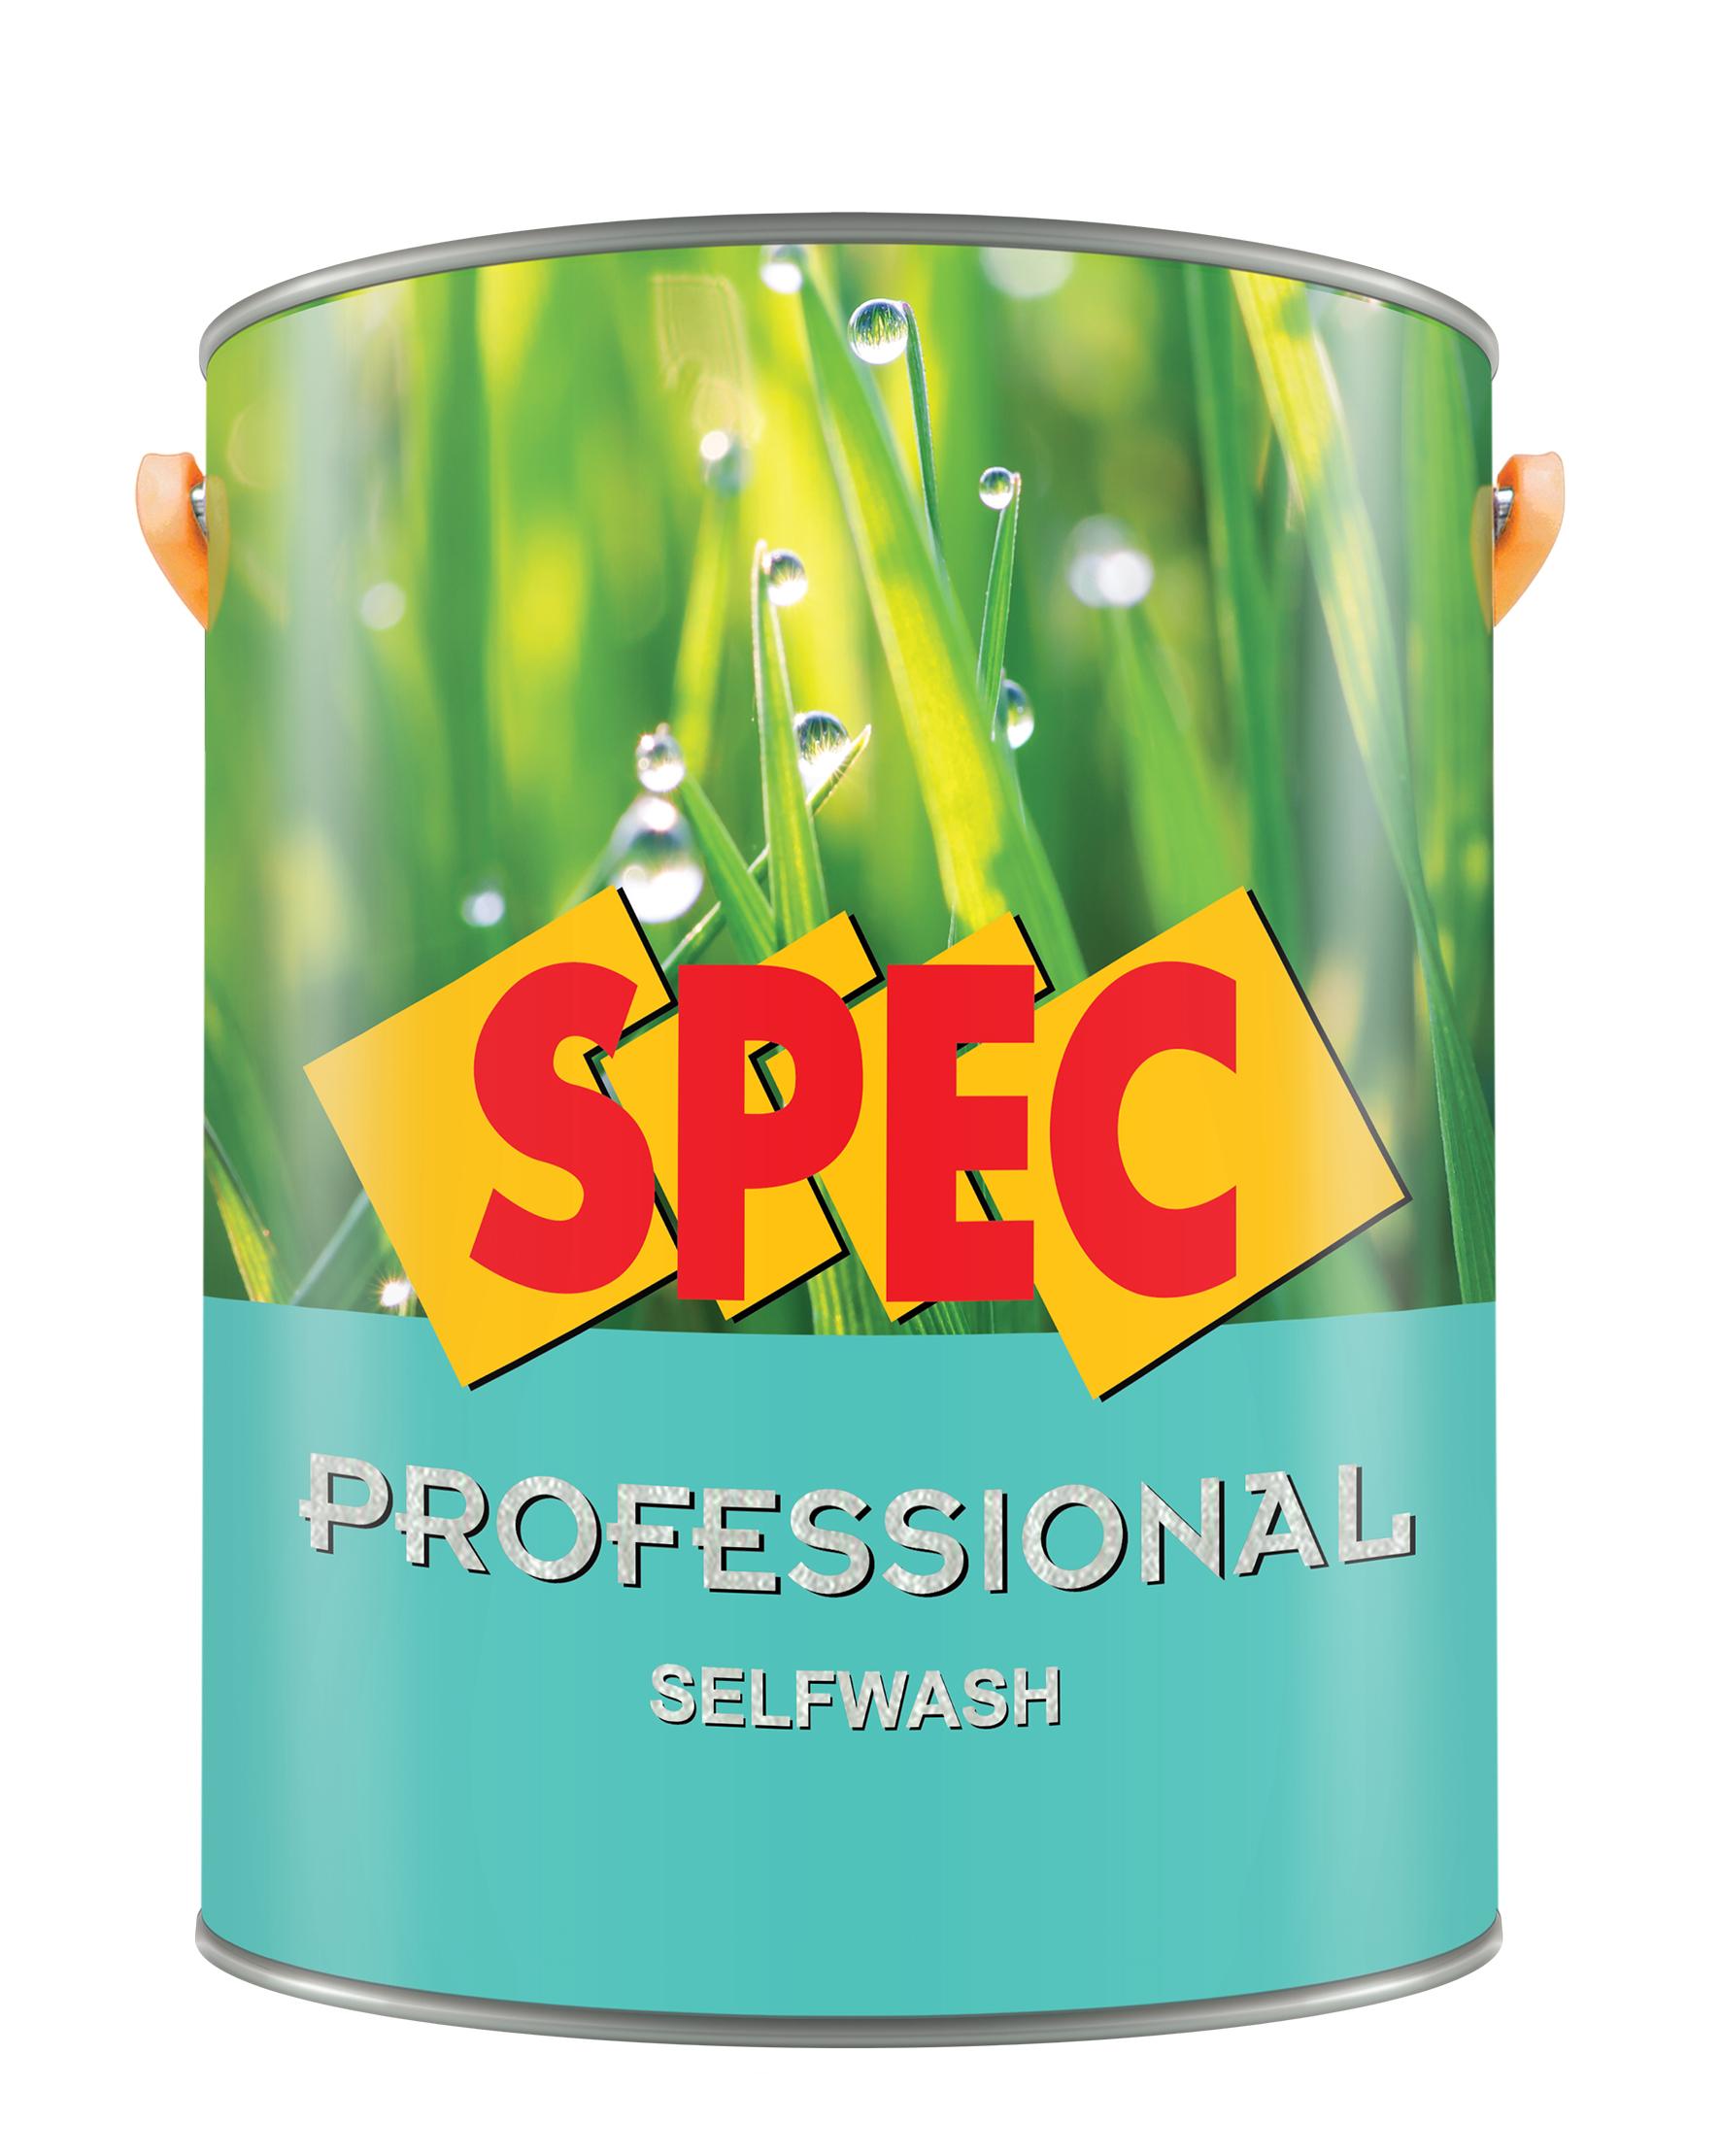 son-nuoc-noi-that-spec-lau-chui-son-noi-that-spec-professional-selfwash-new